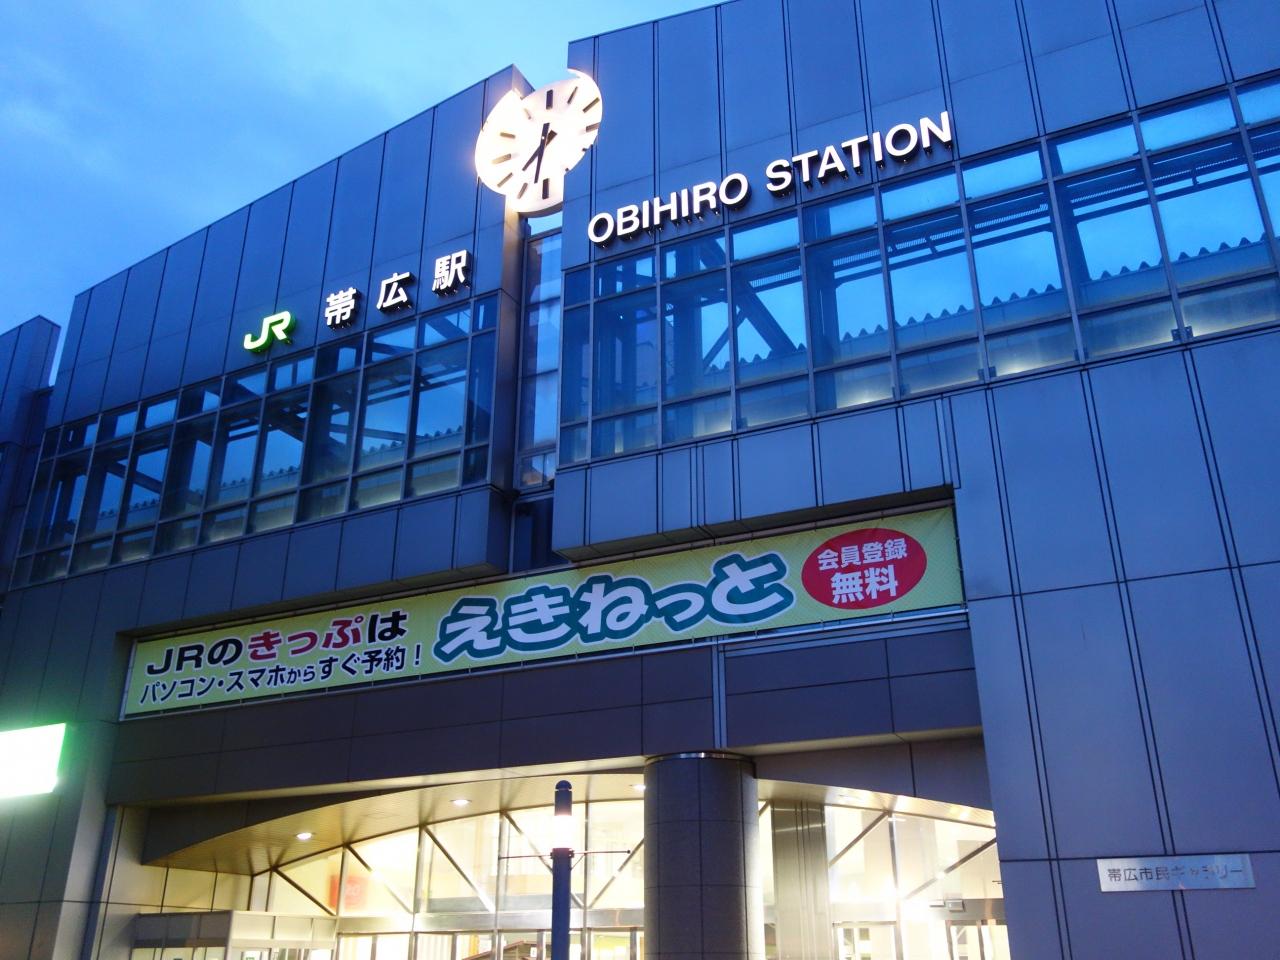 帯広駅前をさ迷い歩く。腹ごなし...